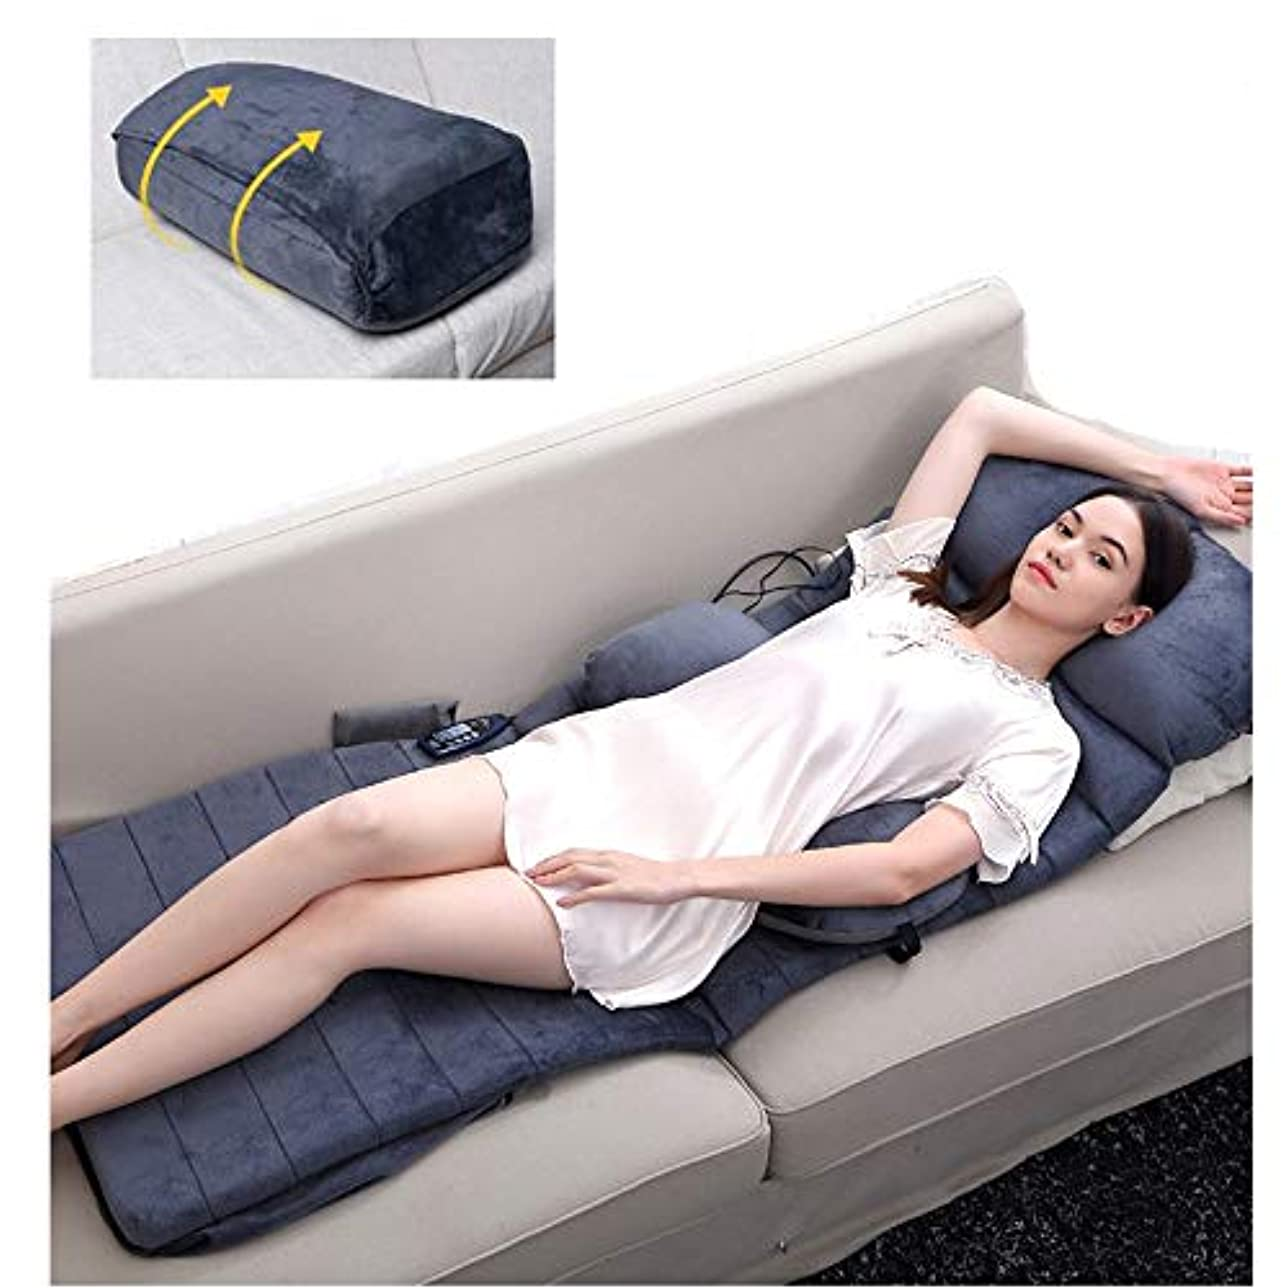 肥沃な分類お肉ウエストバック暖房多機能全身振動大人のホーム枕マットレス椅子のクッションマッサージャーマットレス頸椎